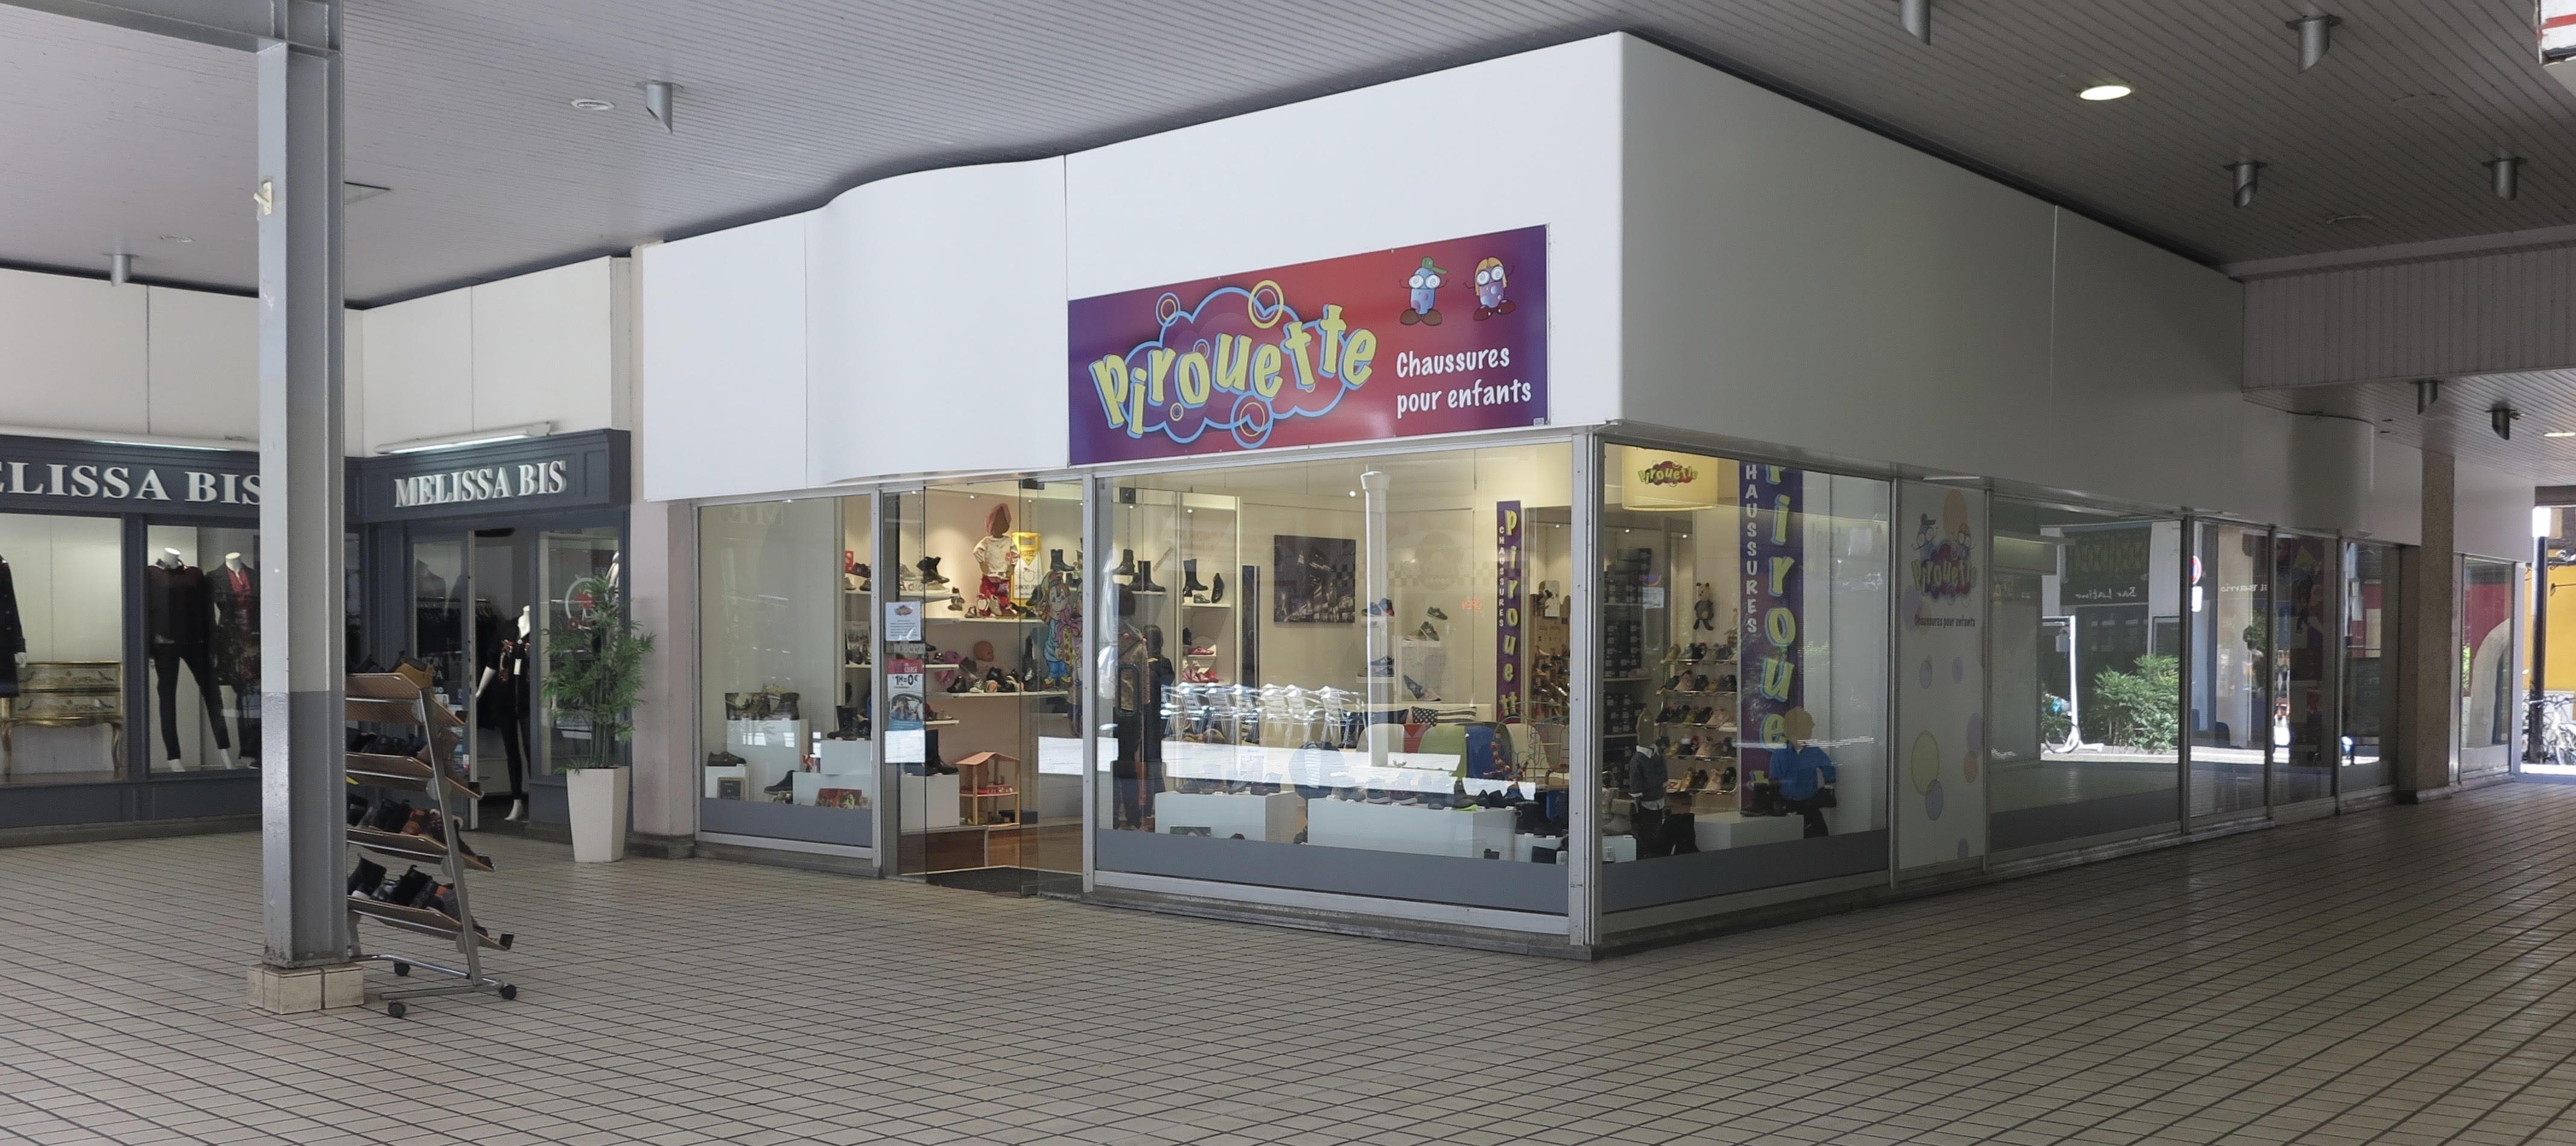 3ae4bddb549417 Bienvenue chez Pirouette - Pirouette, magasin de chaussures pour enfant